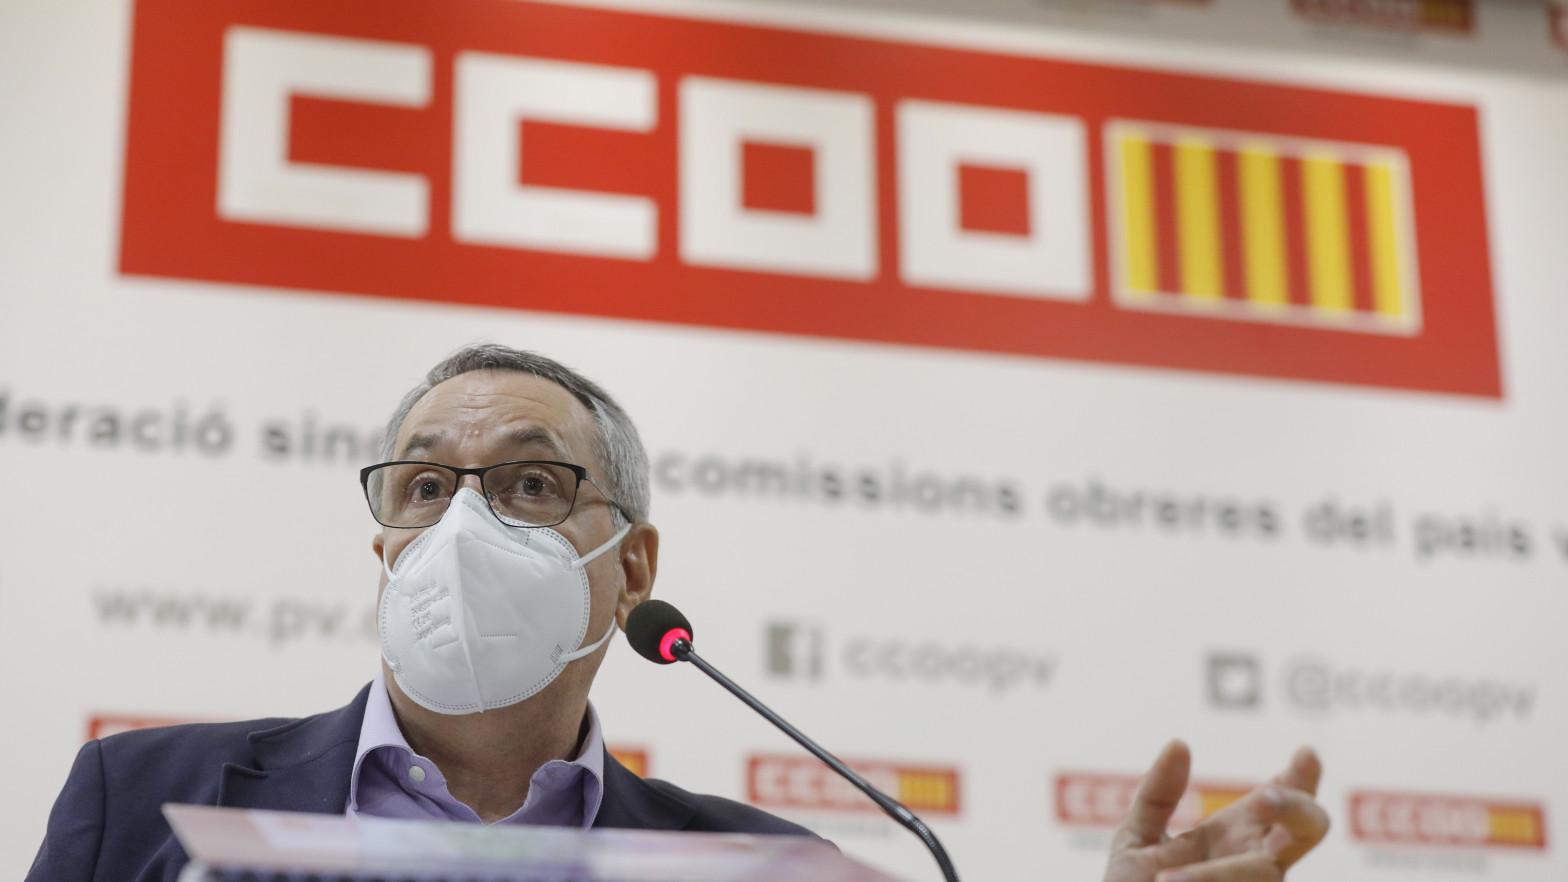 Dimite el secretario general de Comisiones Obreras en la Comunidad Valenciana tras vacunarse contra la covid